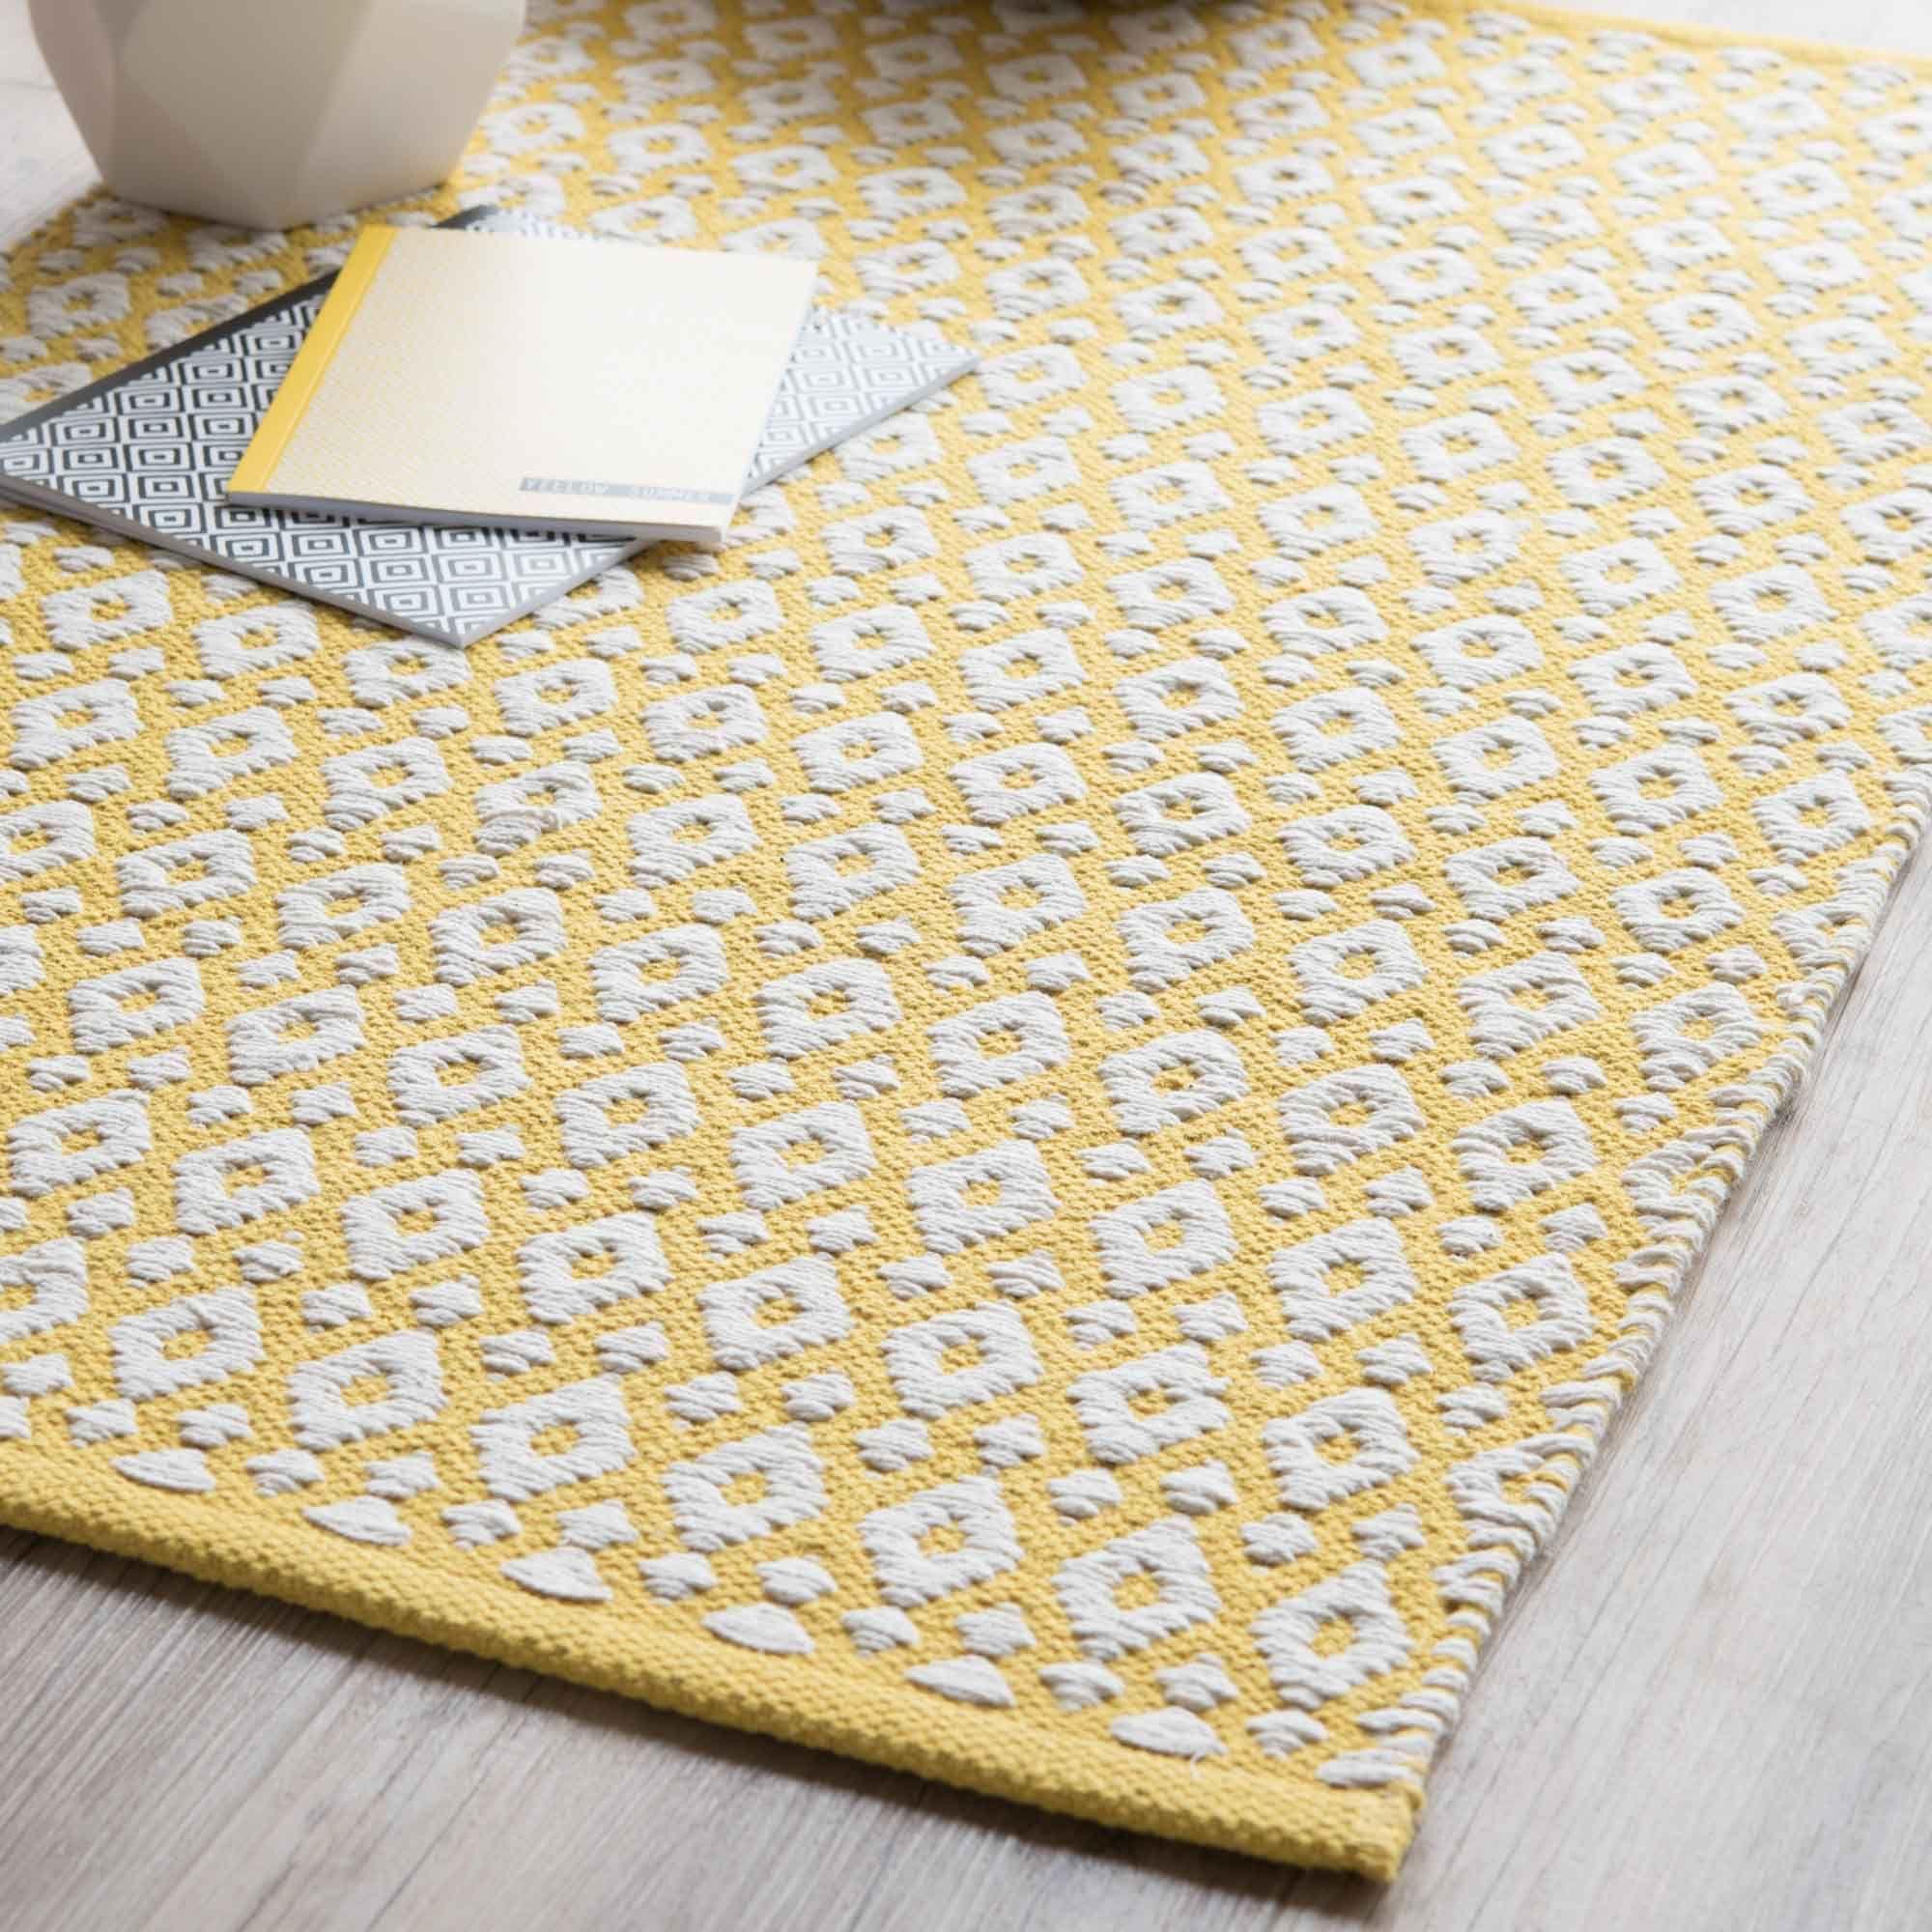 Teppich aus Baumwolle, gelb, 60 x 90 cm | Teppiche, 90er und Gelb